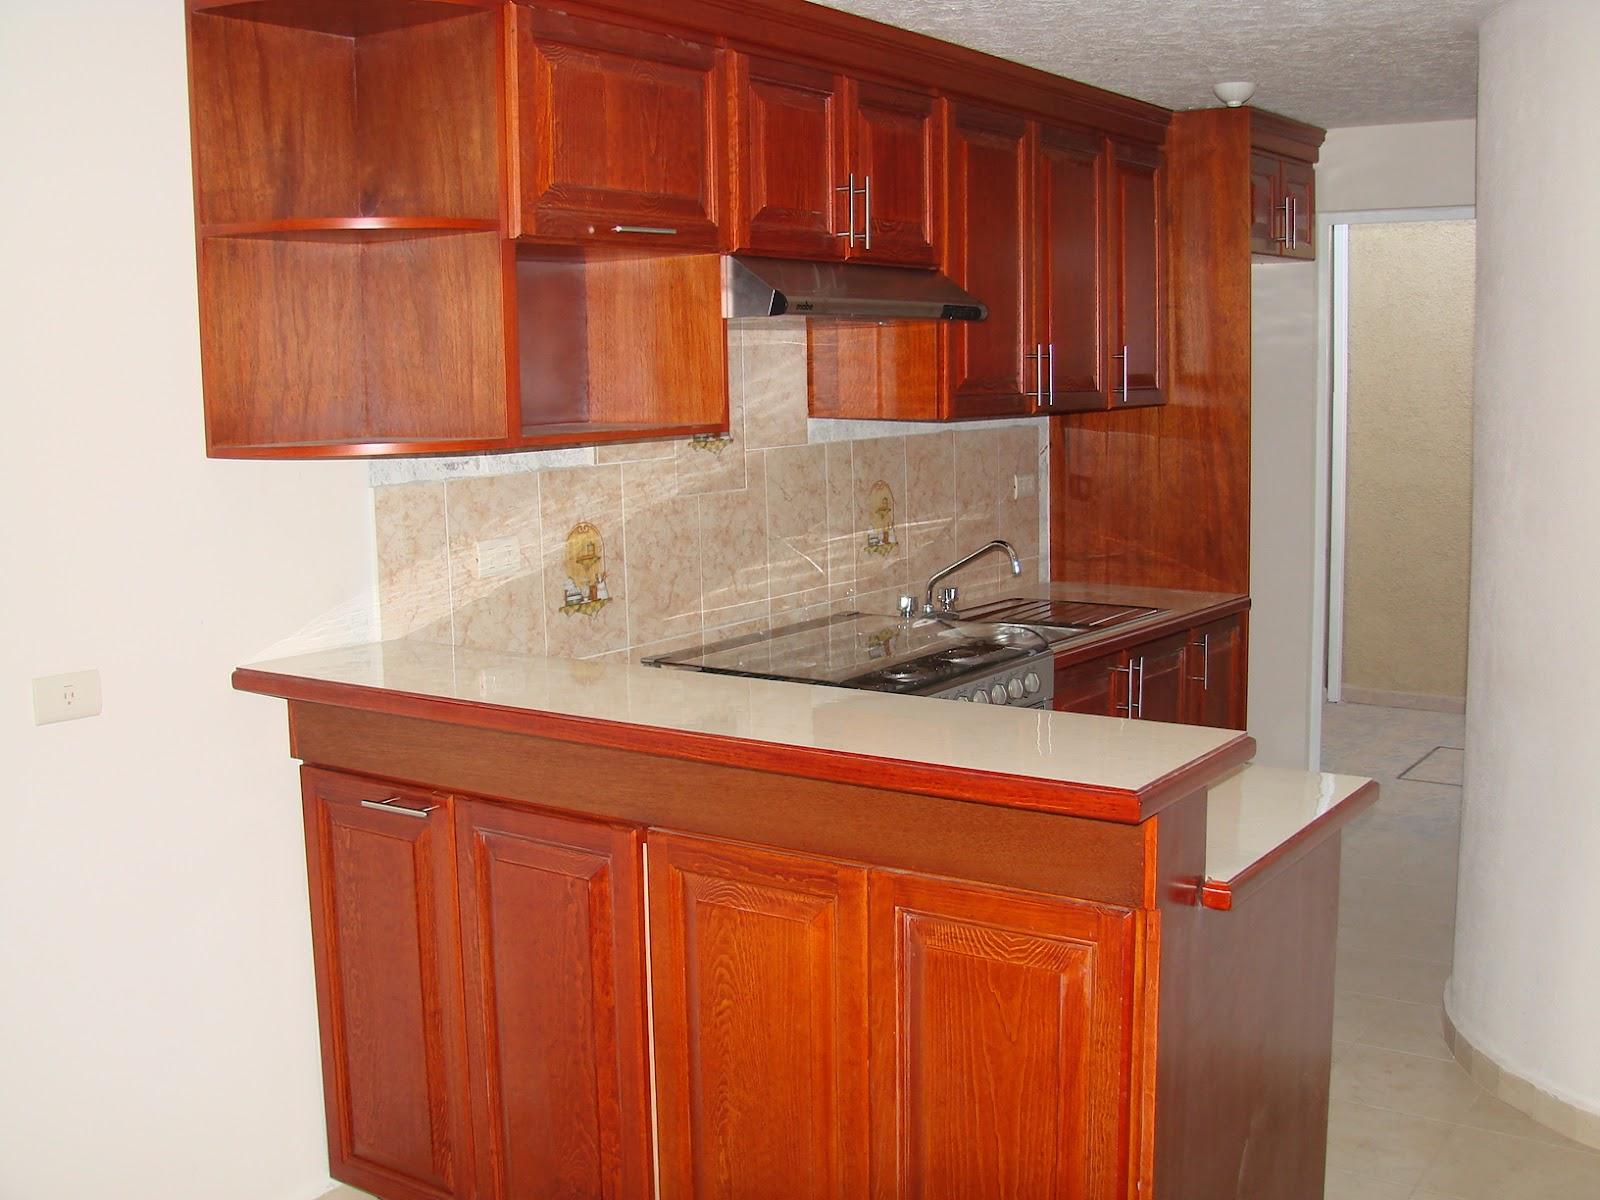 Cocinas integrales vestidores closets etc cocinas varias for Cocinas integrales de madera